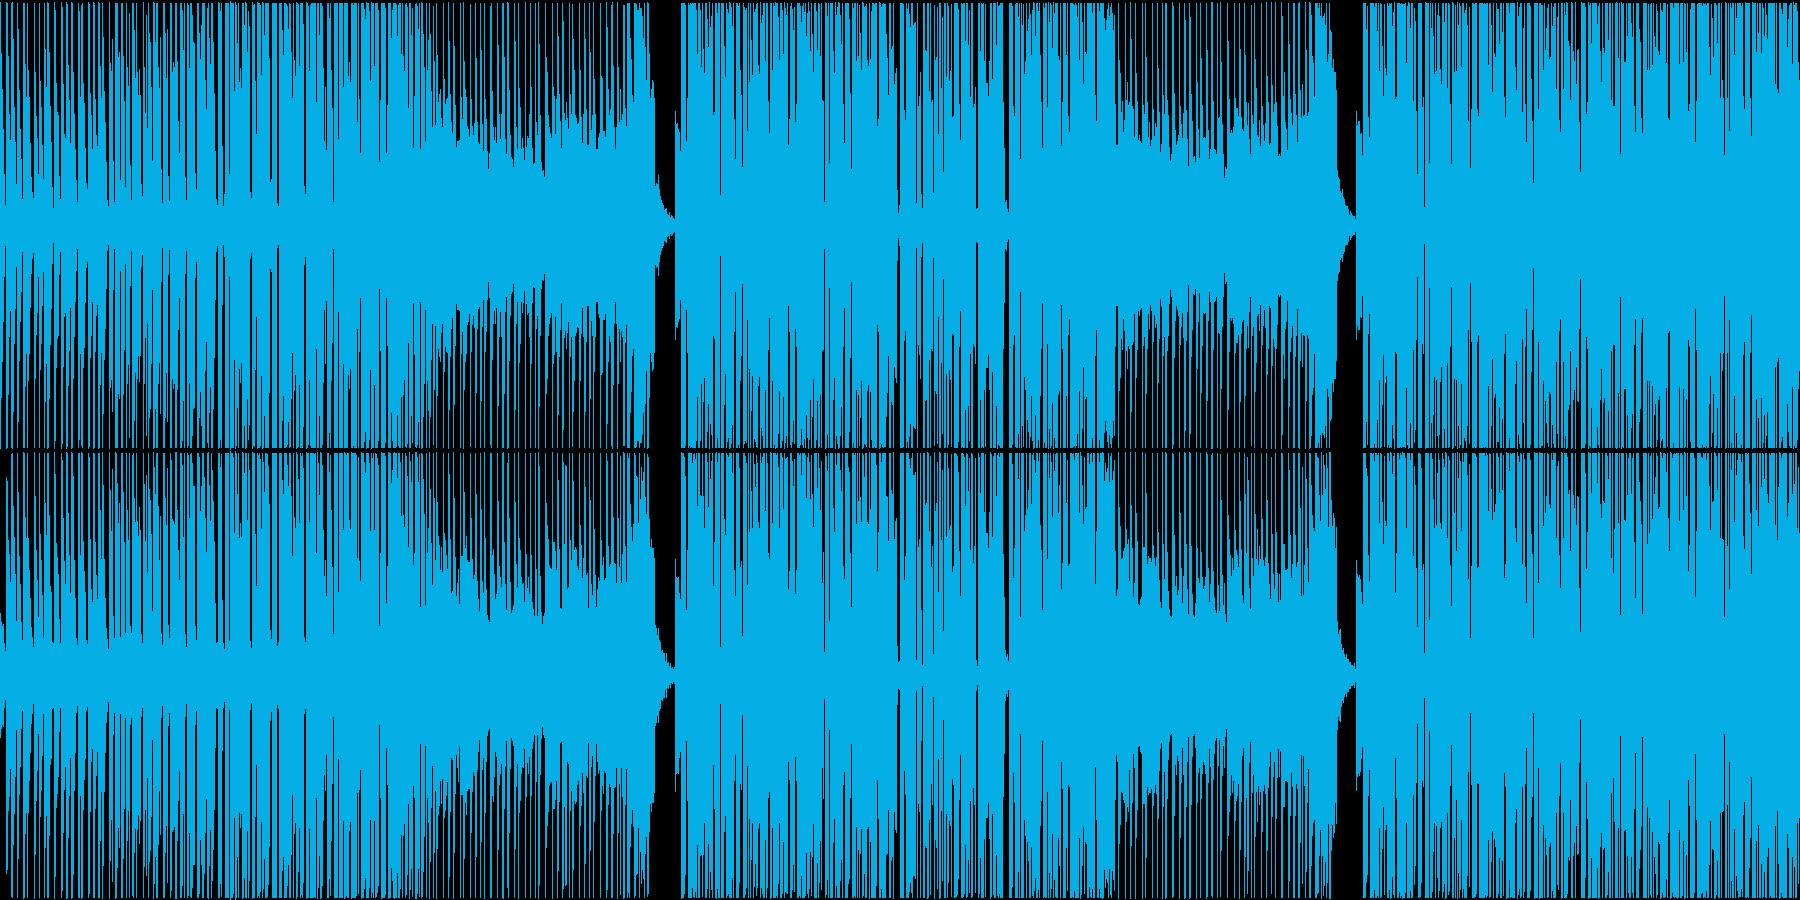 映像作品向きなシンセポップ(ループ用)の再生済みの波形